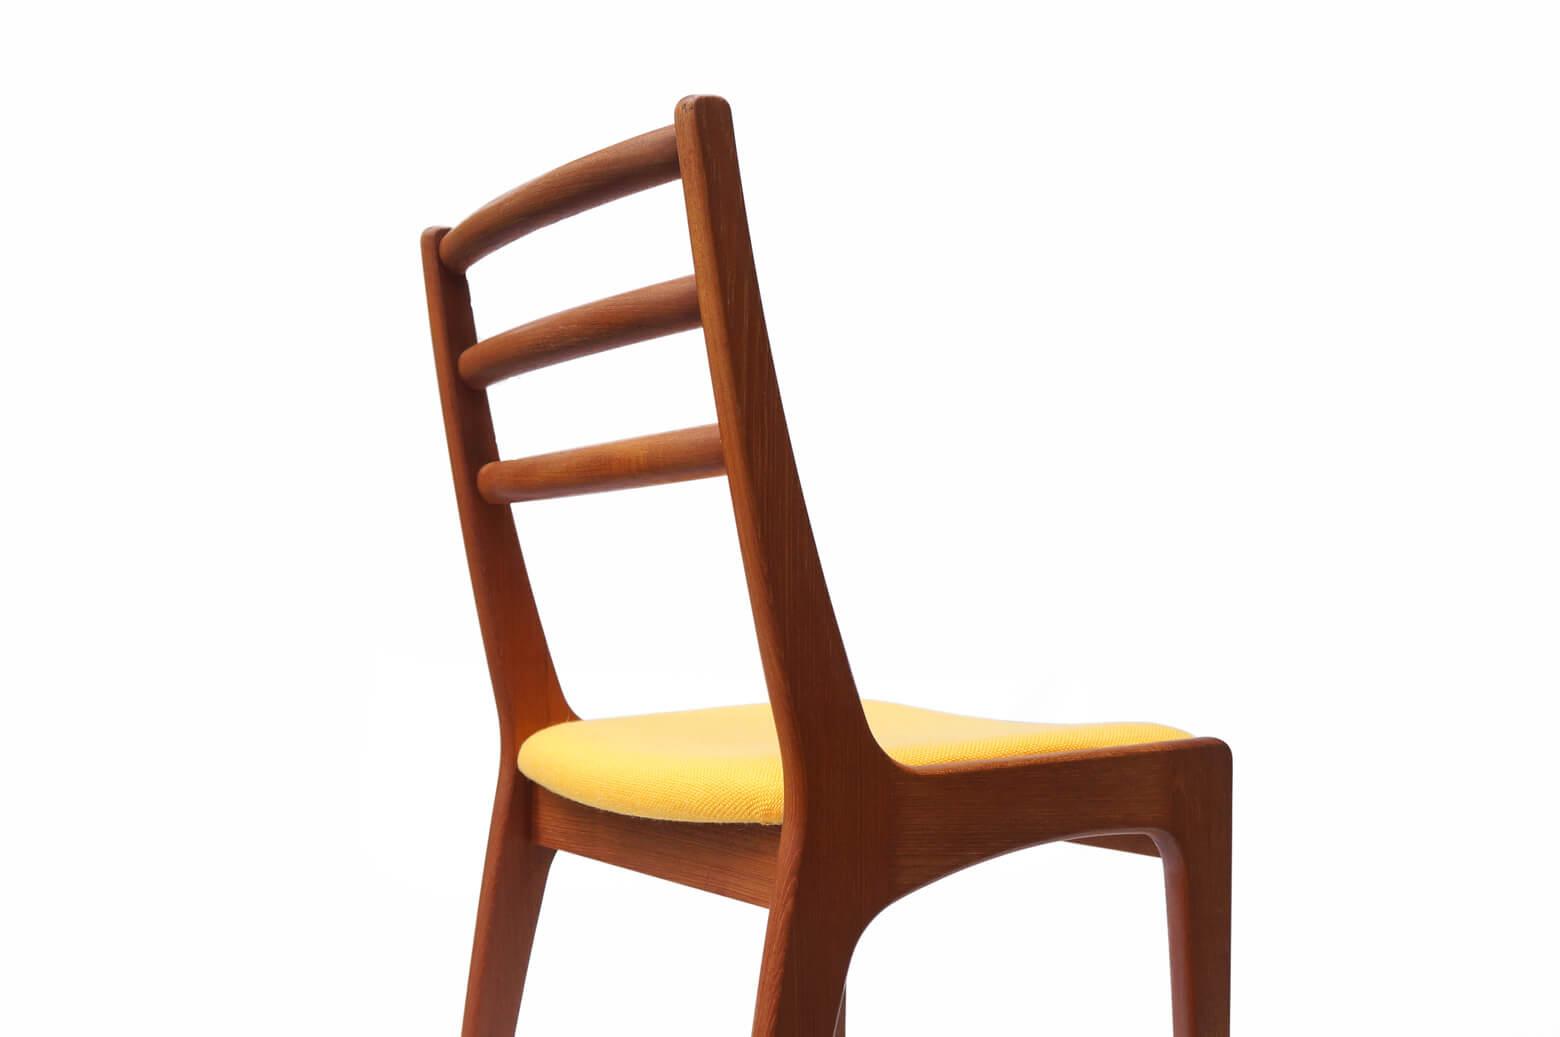 Vintage Modern Design Teakwood Dining Chair/ヴィンテージ モダンデザイン チーク材 ダイニングチェア 北欧デザイン 1